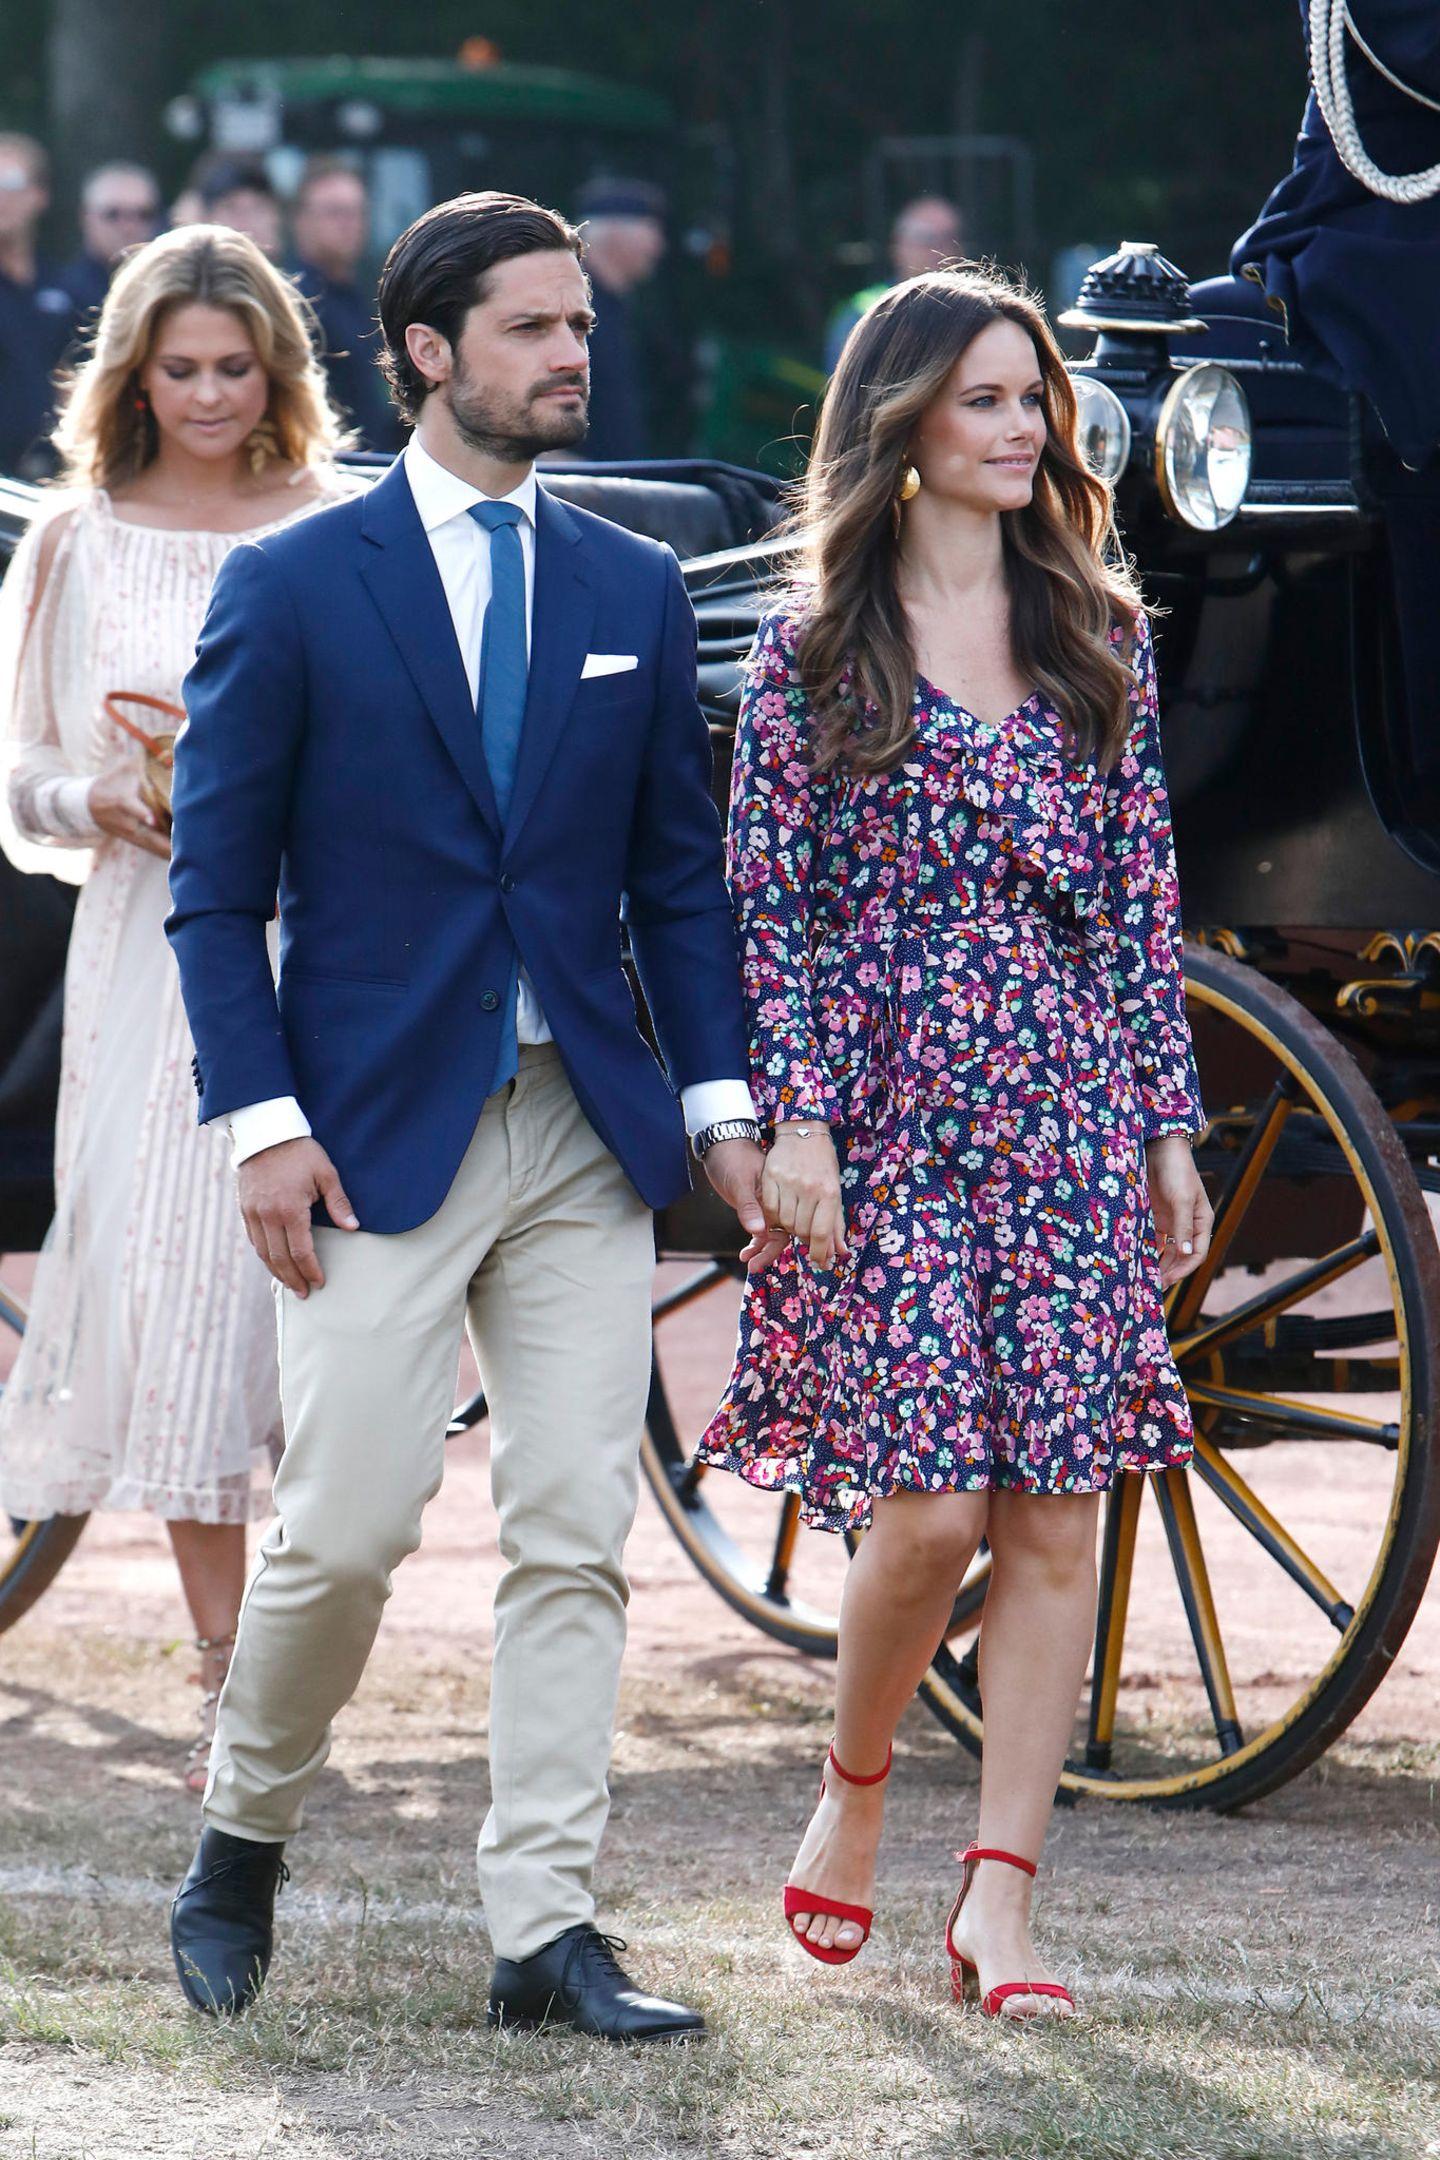 """Zu den Feierlichkeiten am Victoriatag, dem Geburtstag von Carl Philips älterer Schwester Victoria, erscheint Prinzessin Sofia in einem knielangen Kleid mit buntem Blumenmuster und Rüschen. Für knapp 60 Euro ist das bei """"& other stories"""" zu kaufen. Sie wagt einen farblichen Kontrast und kombiniert rote Riemchen-Heels dazu. Ob sie sich das irgendwo abgeschaut hat?"""